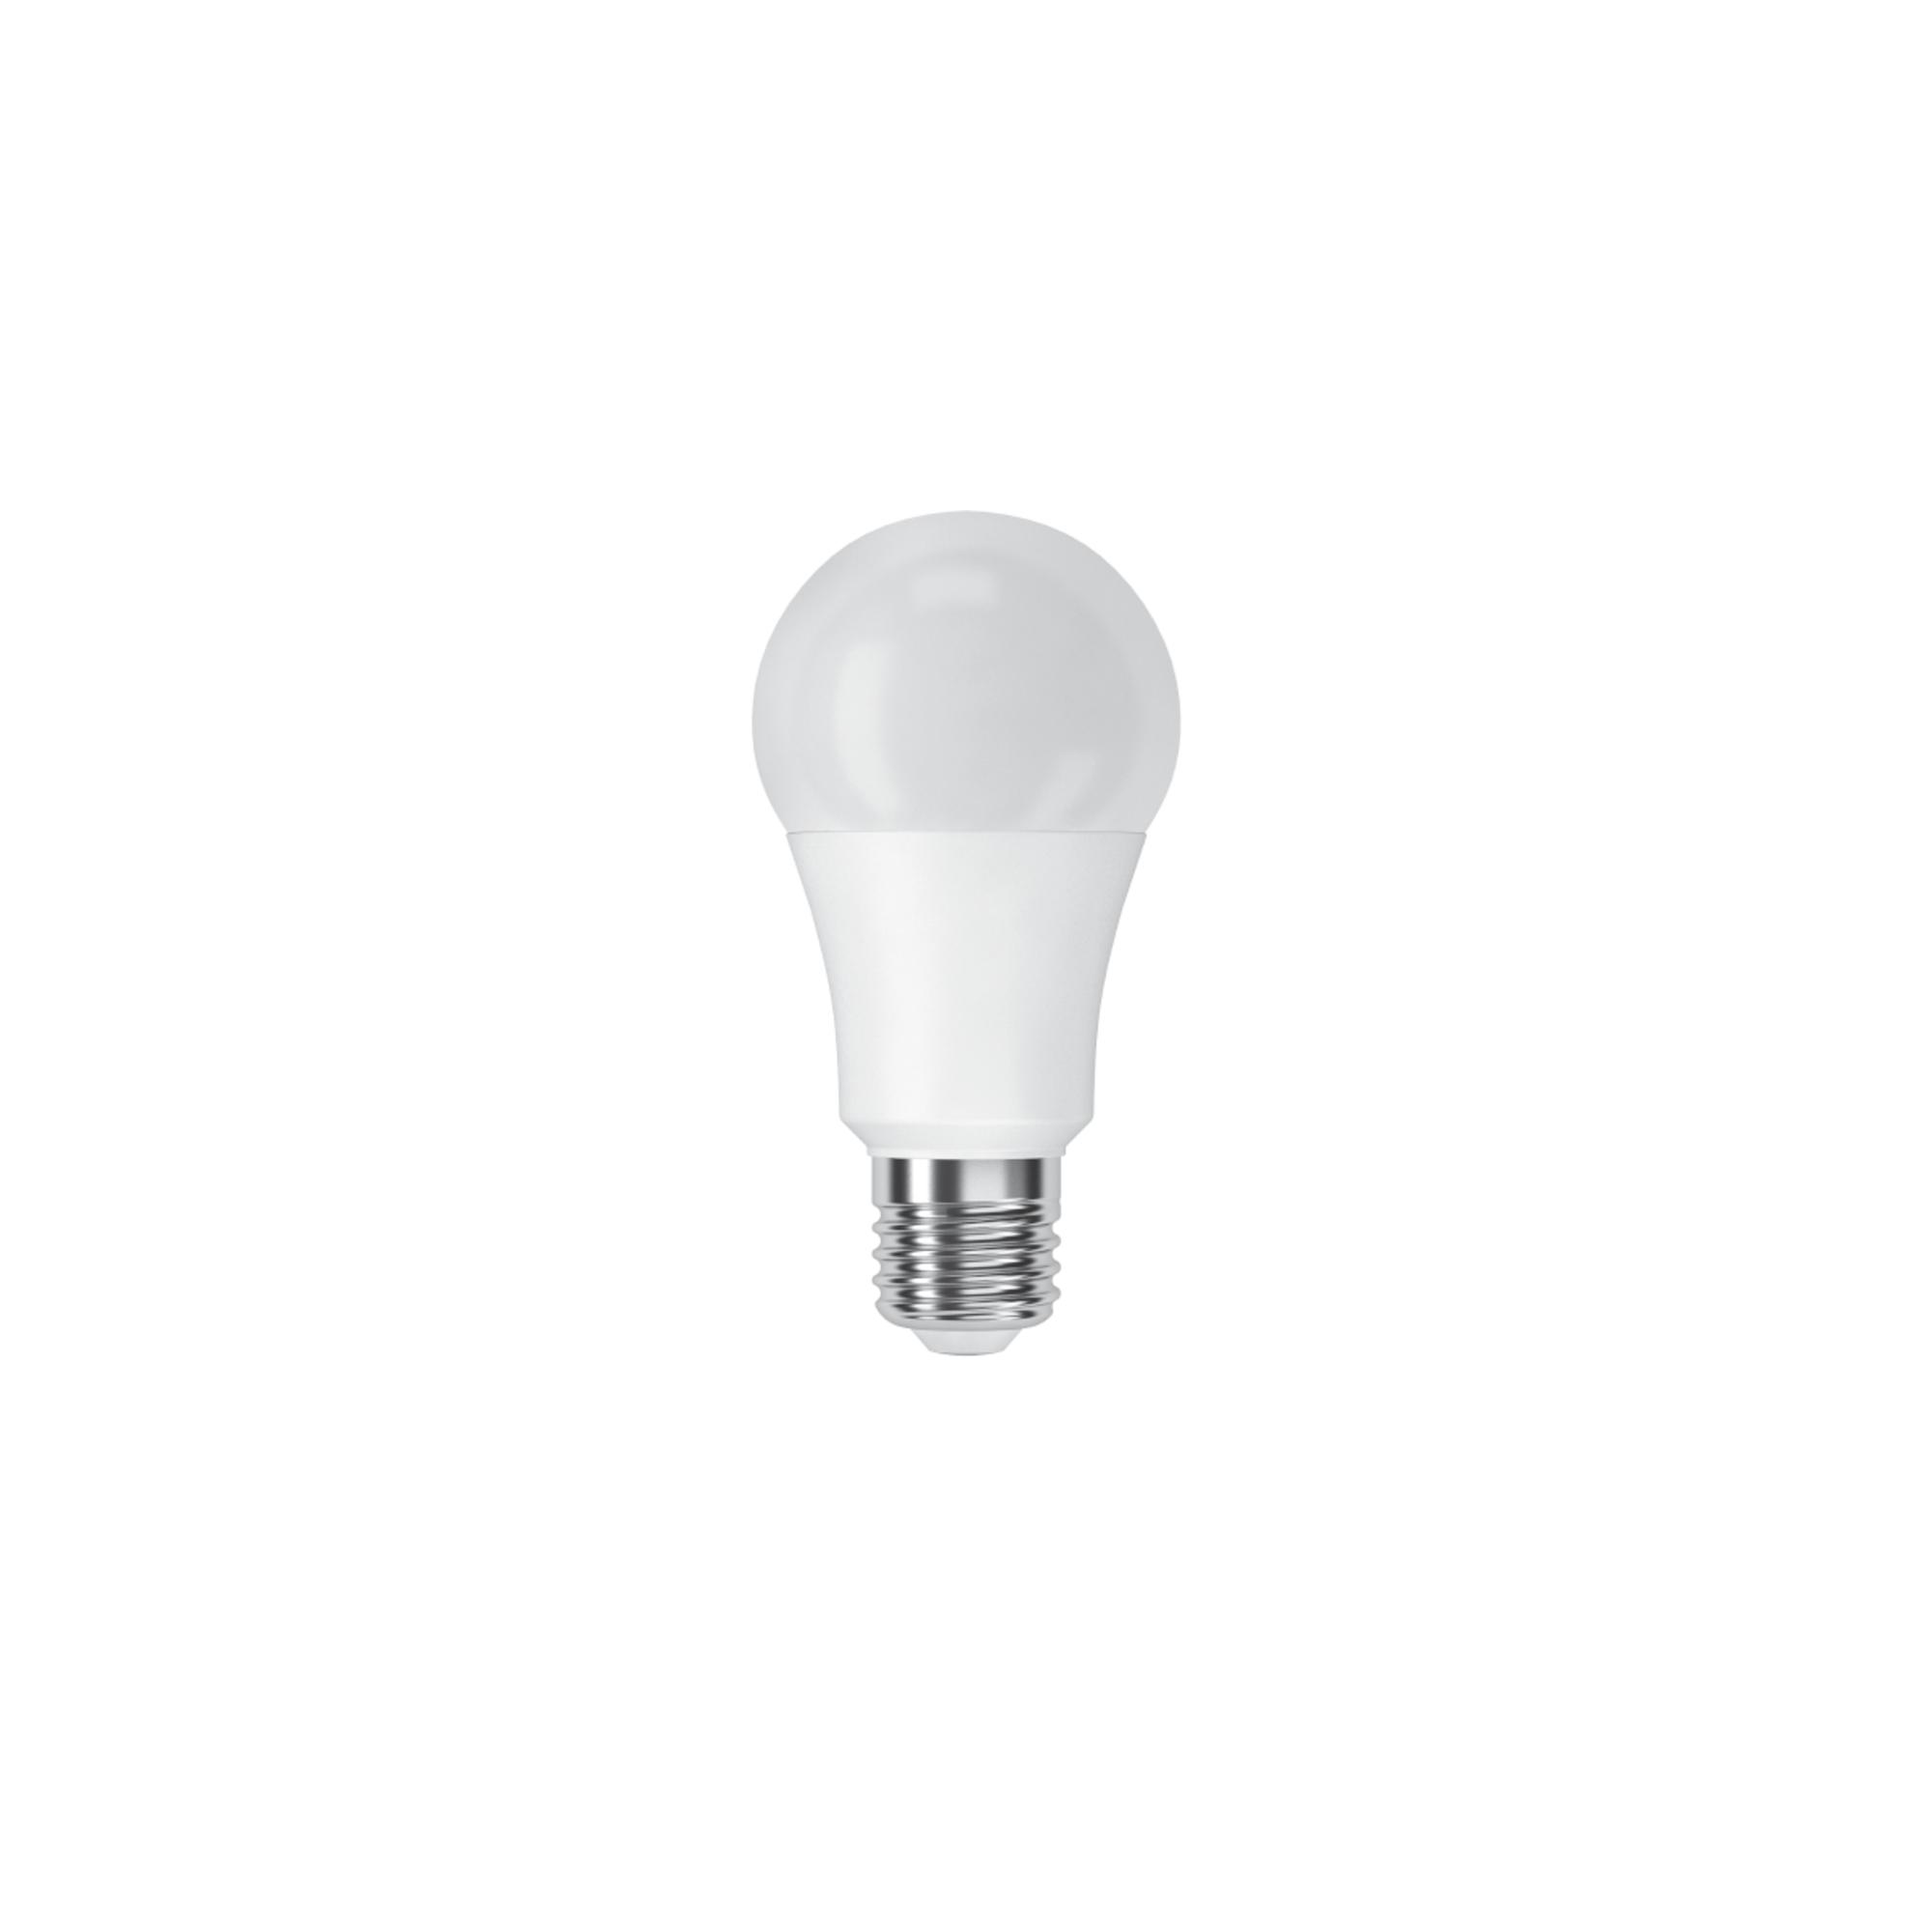 Светодиодная лампочка Фотон 22805 E27 1050 Лм 12 Вт